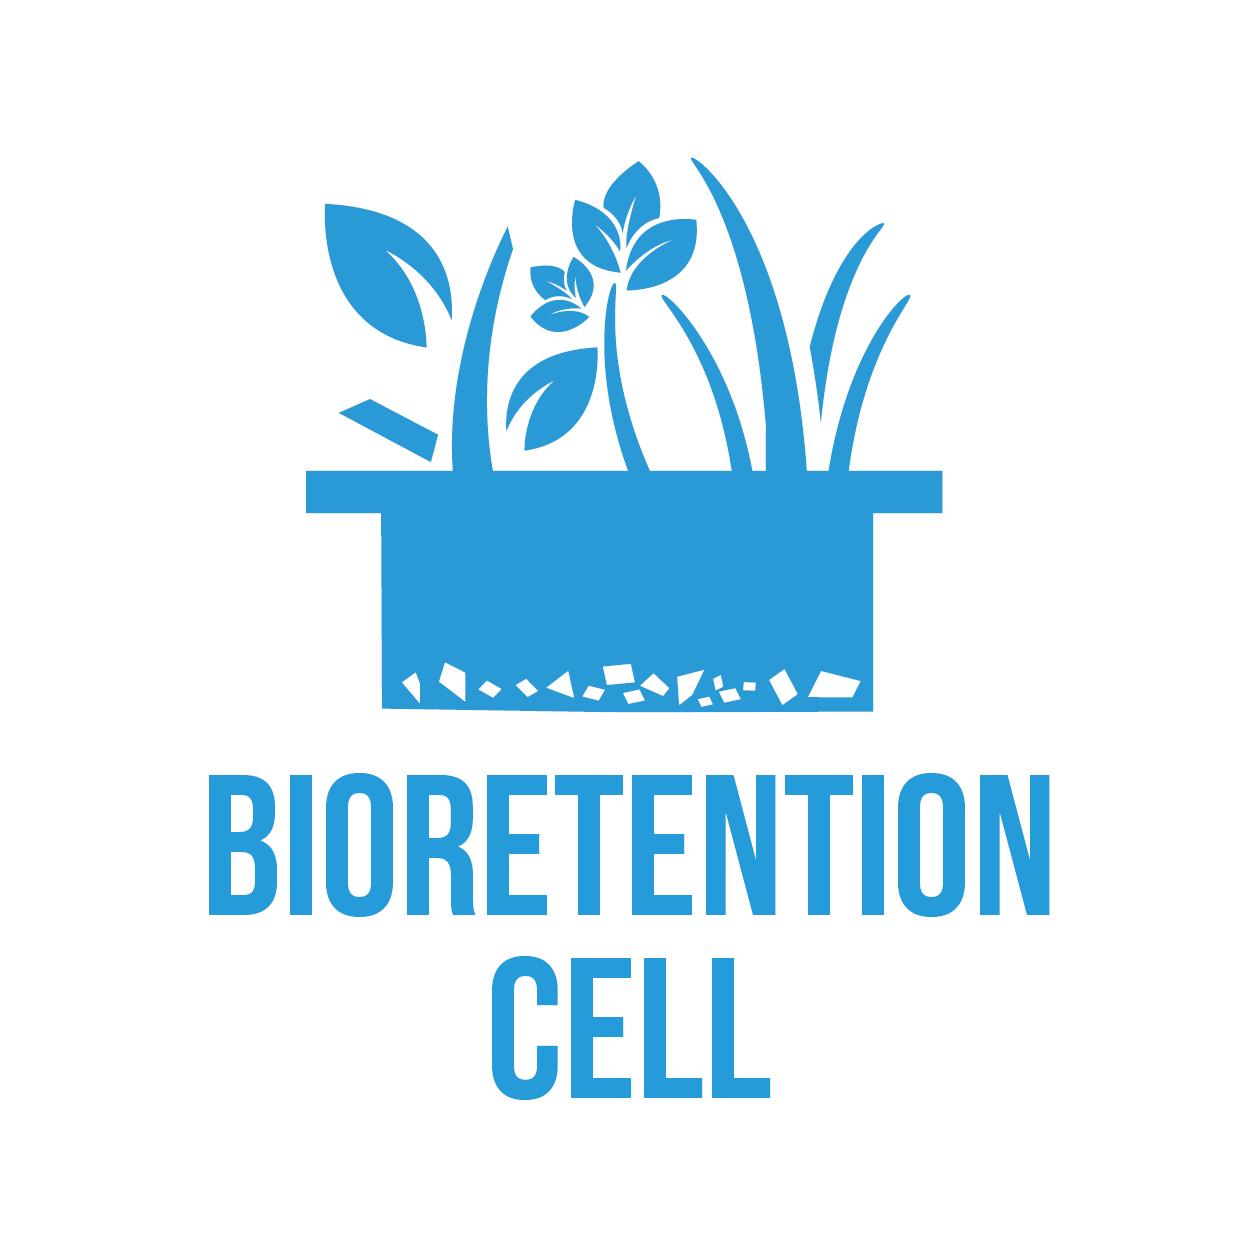 BIORETENTION CELL